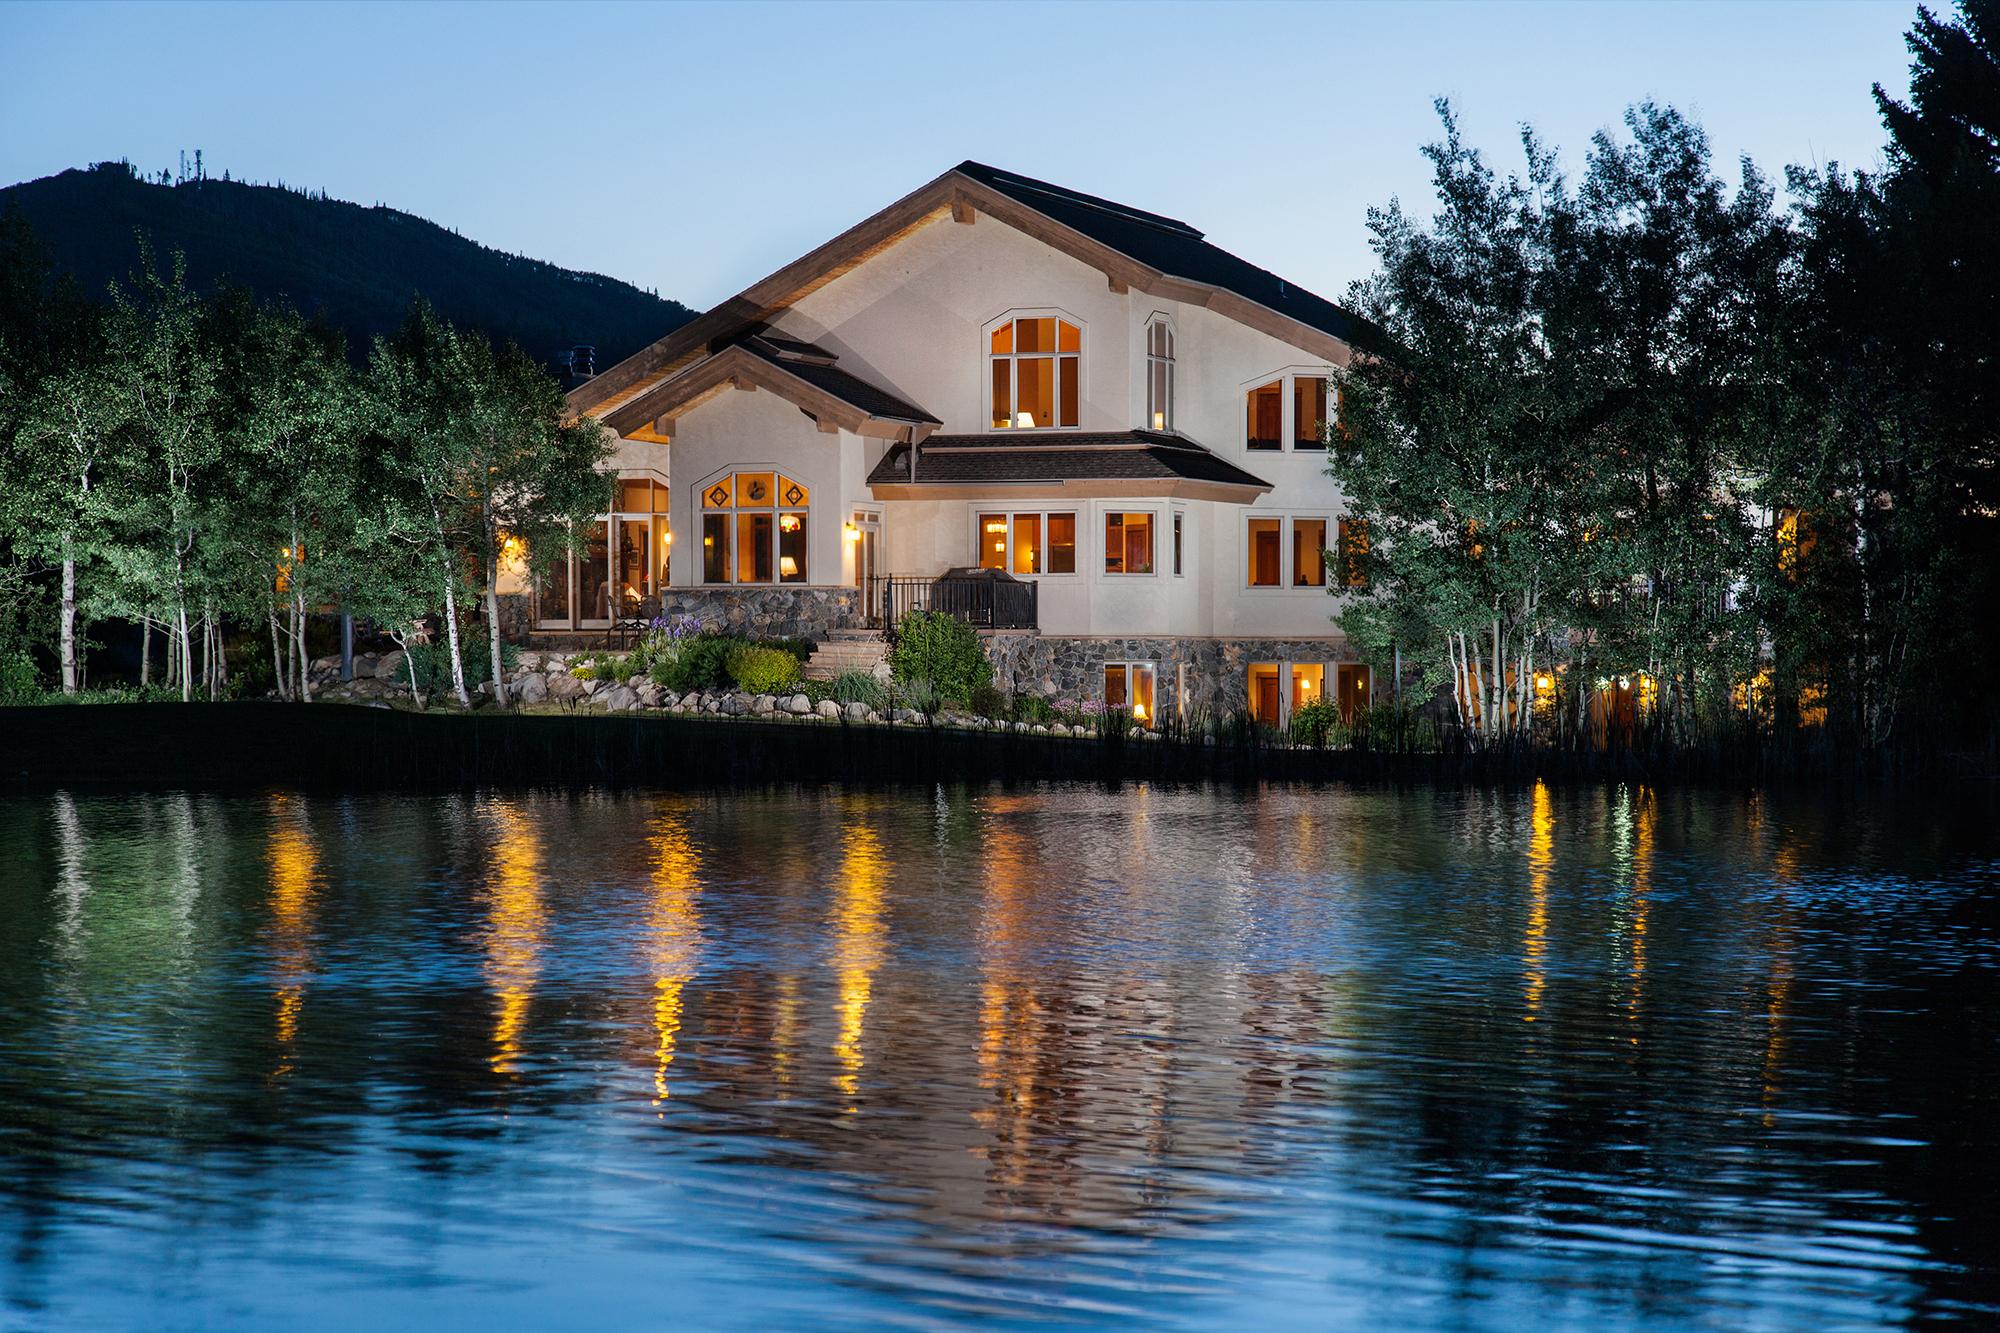 1160 Fairway Woods, Steamboat Springs, CO 80487